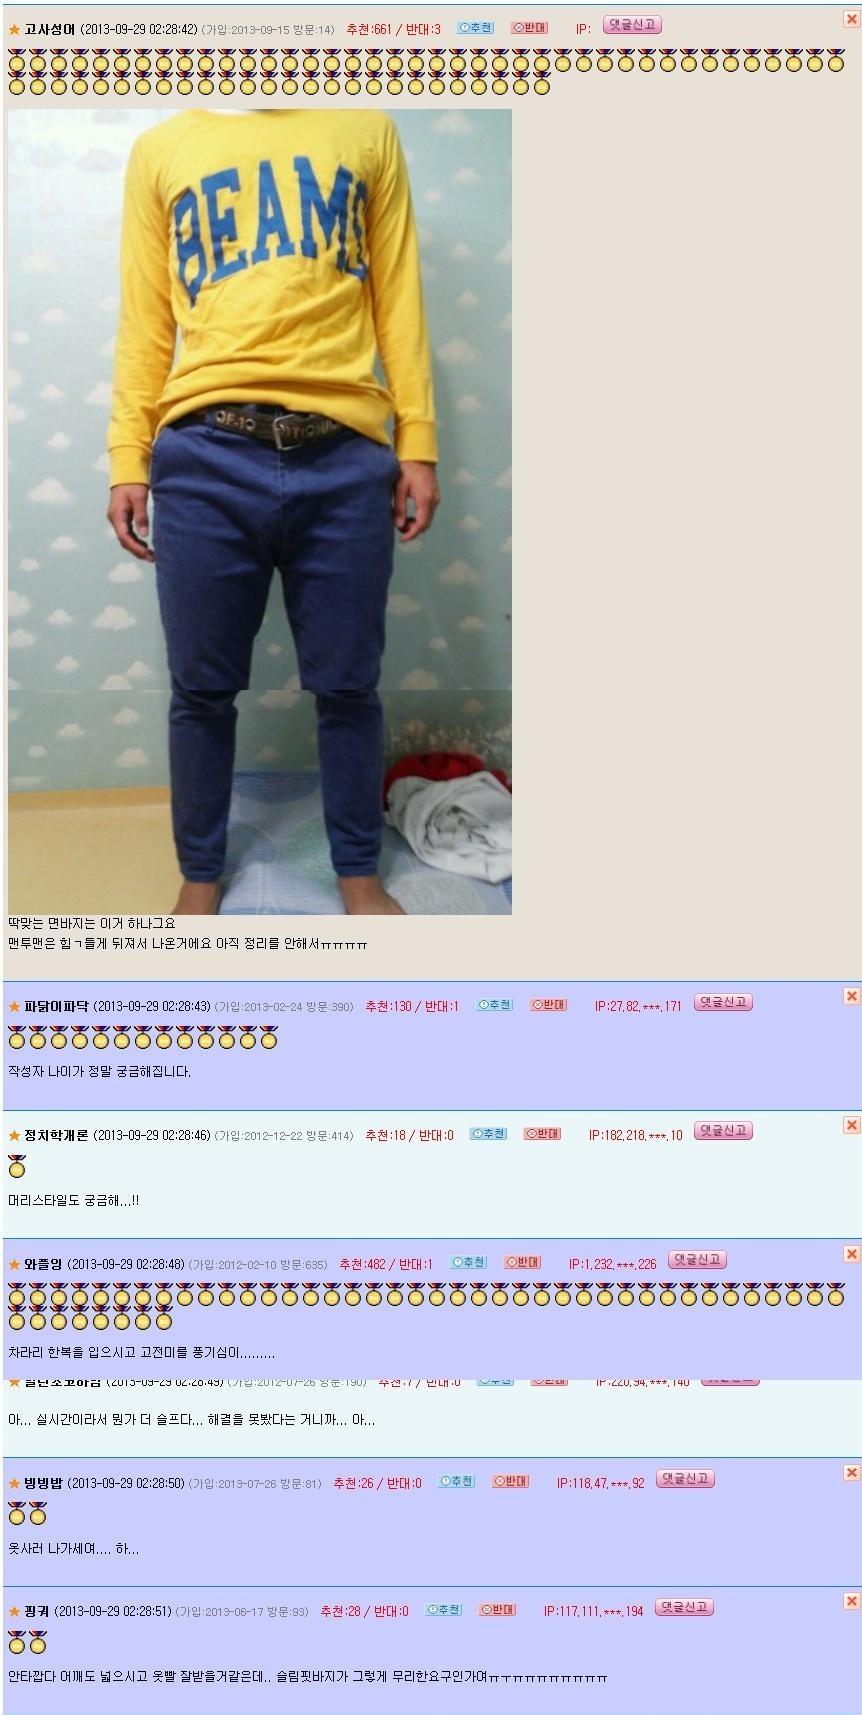 남자 소개팅 패션, 남자 데이트 패션, 여자가 좋아하는 남자 패션